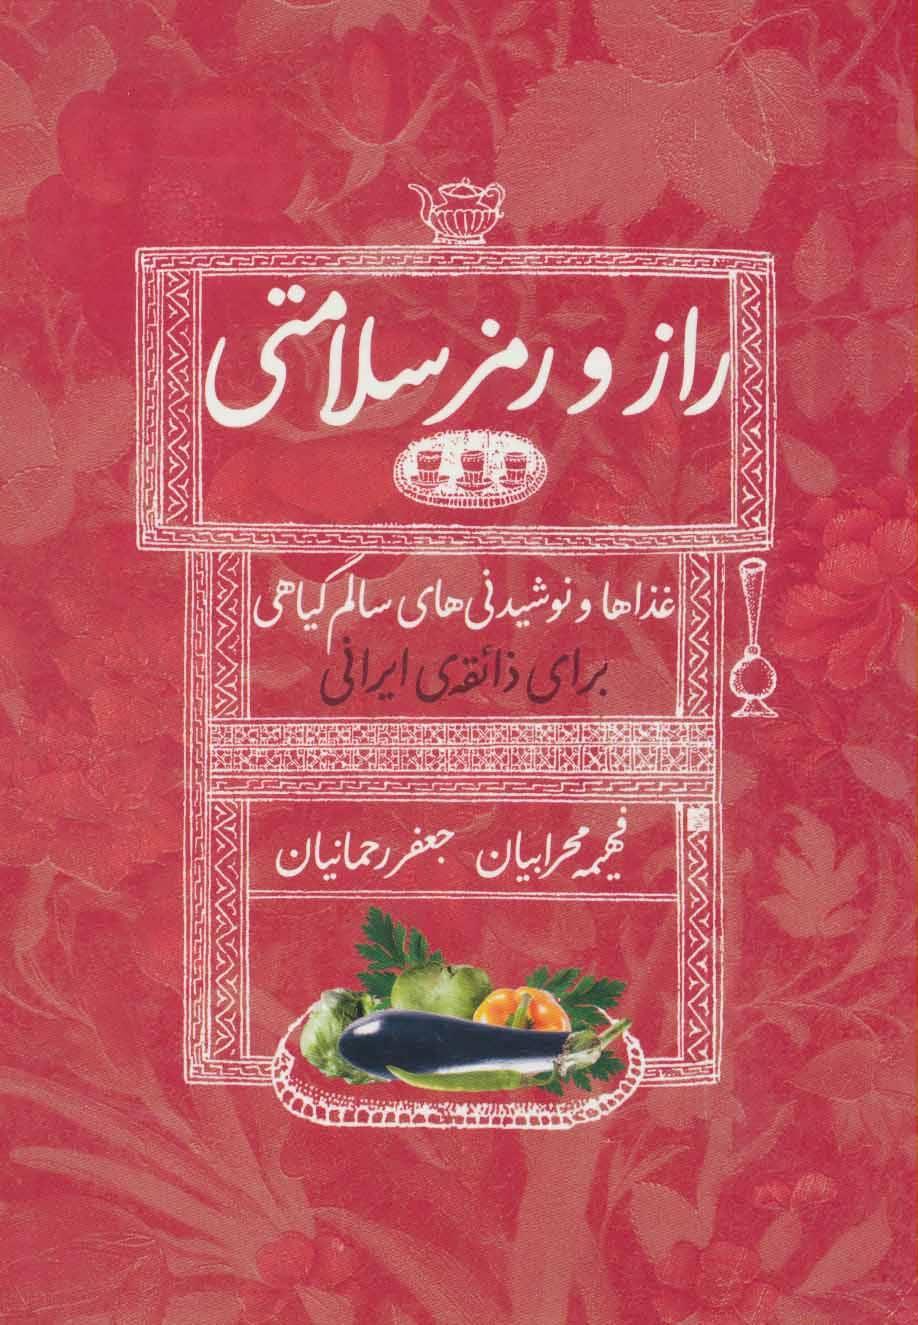 راز و رمز سلامتی (غذاها و نوشیدنی های سالم گیاهی برای ذائقه ی ایرانی)